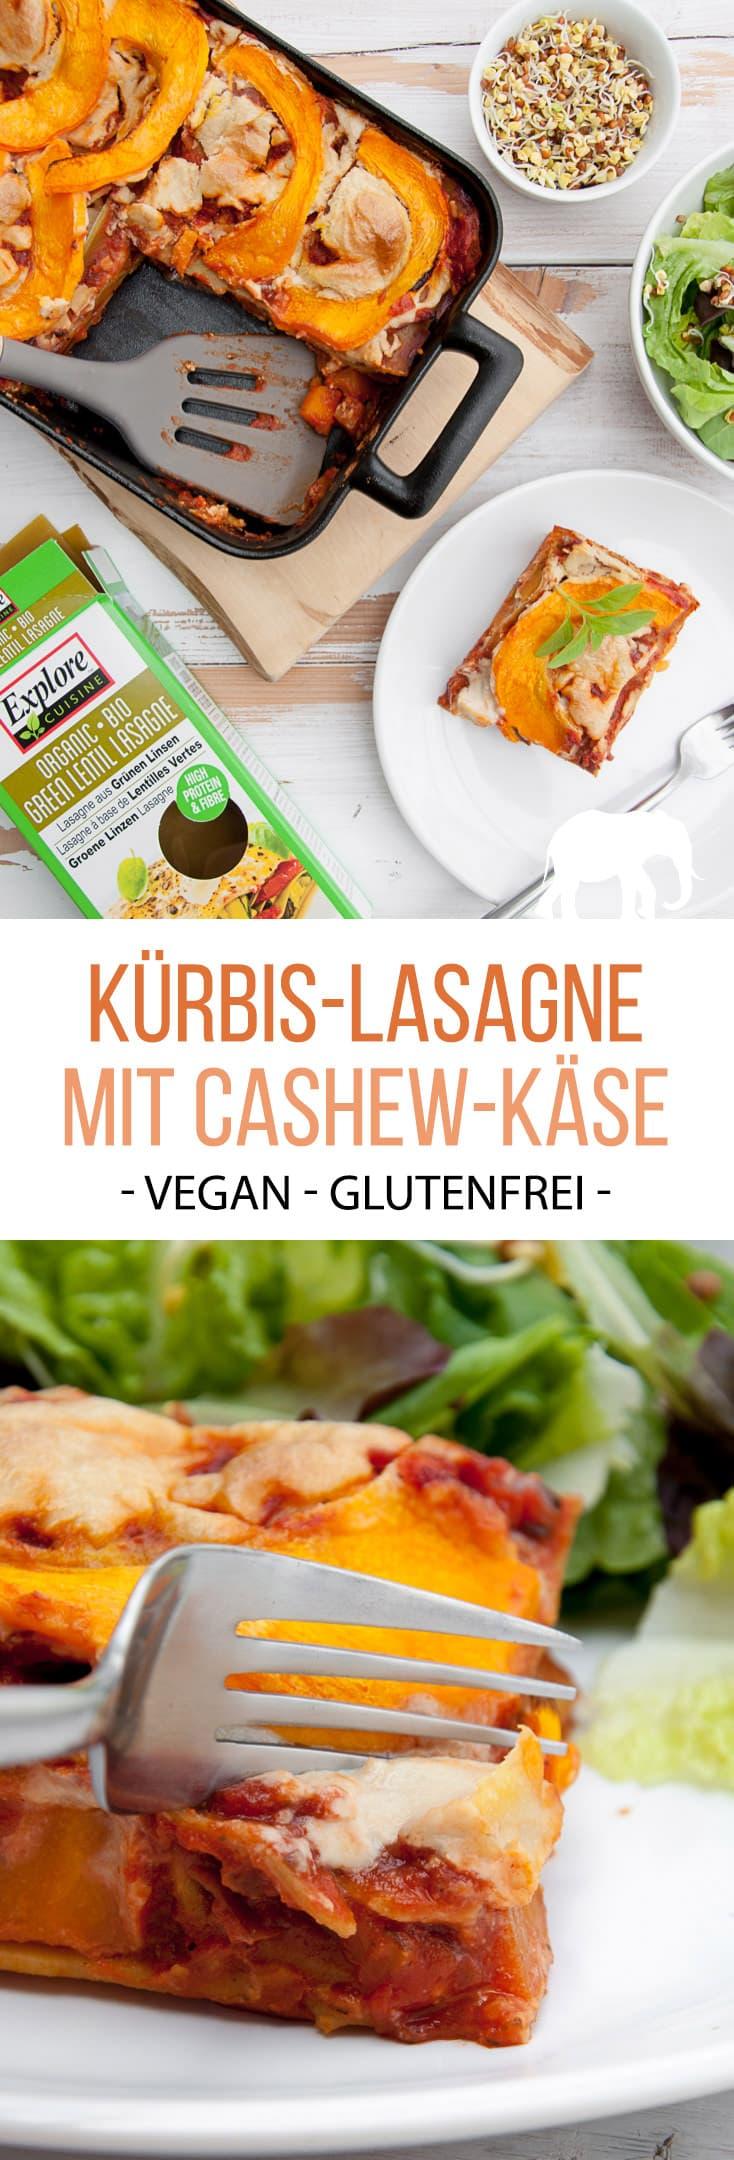 Vegane Kürbis-Lasagne mit Cashew-Käse Gemacht mit Grüne Linsen Lasagneblätter von @pepuplife #werbung #vegan #glutenfrei #lasagne #kürbis #herbst